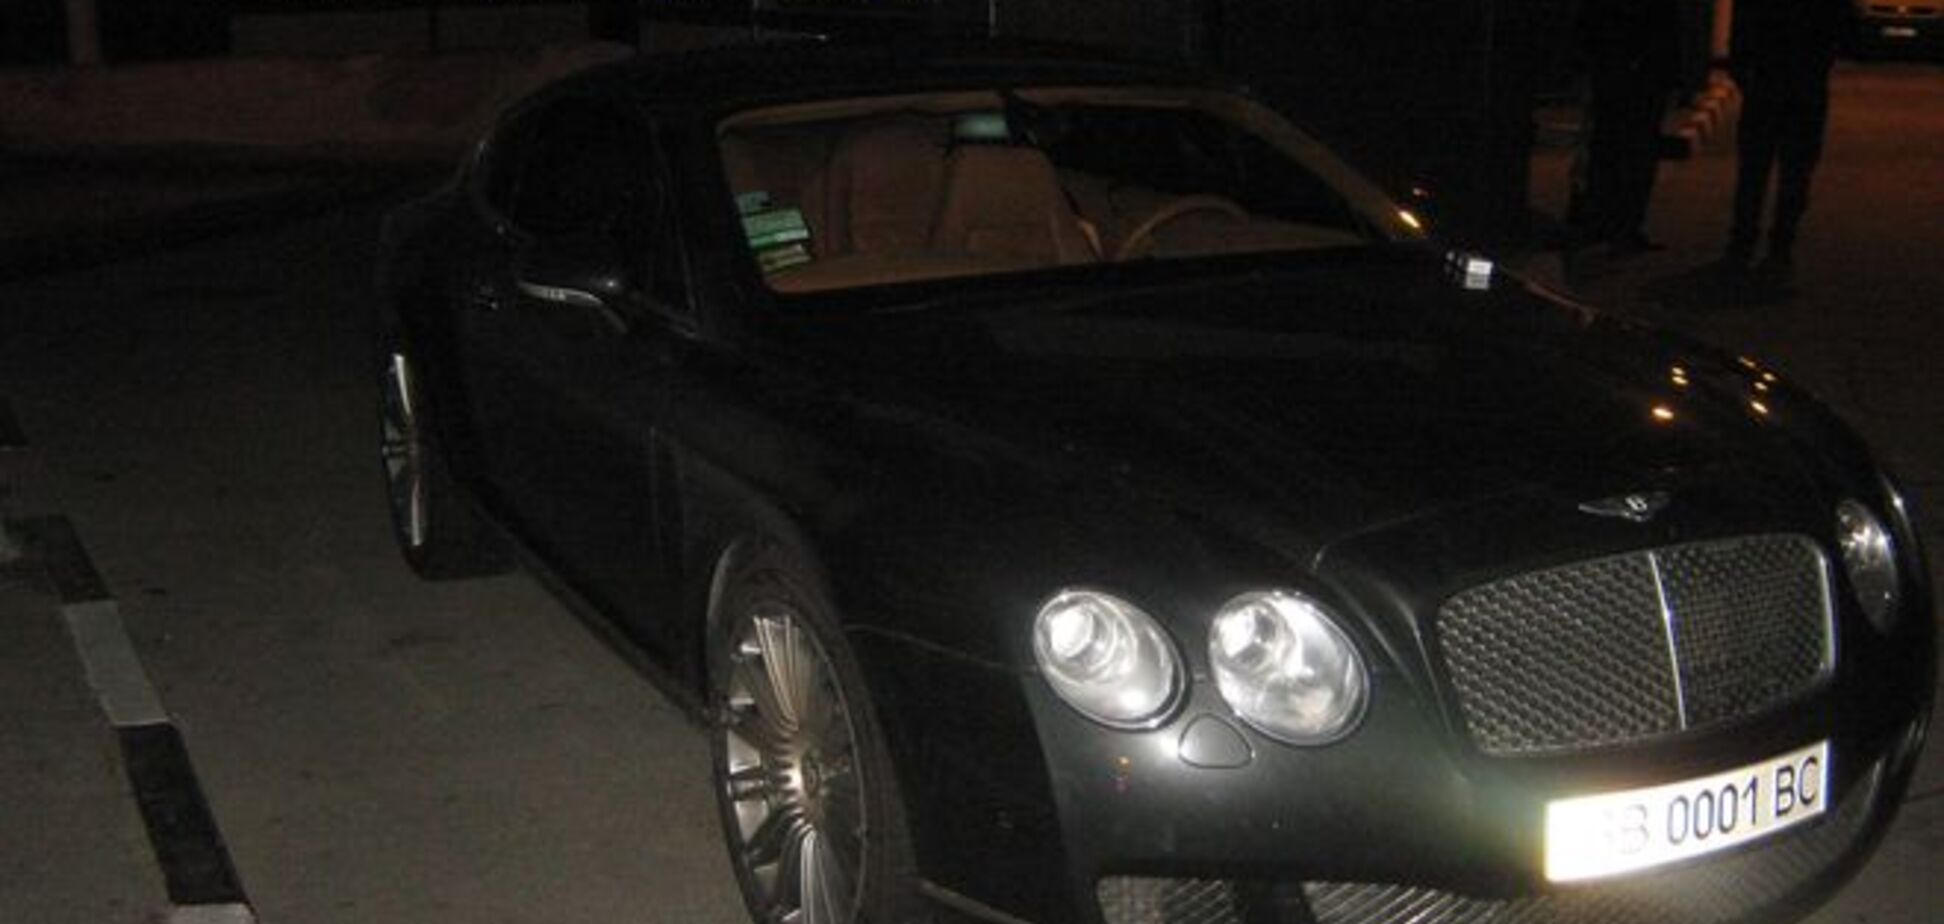 Прикордонники затримали елітний 'Bentley' екс-нардепа 'Партії регіонів'